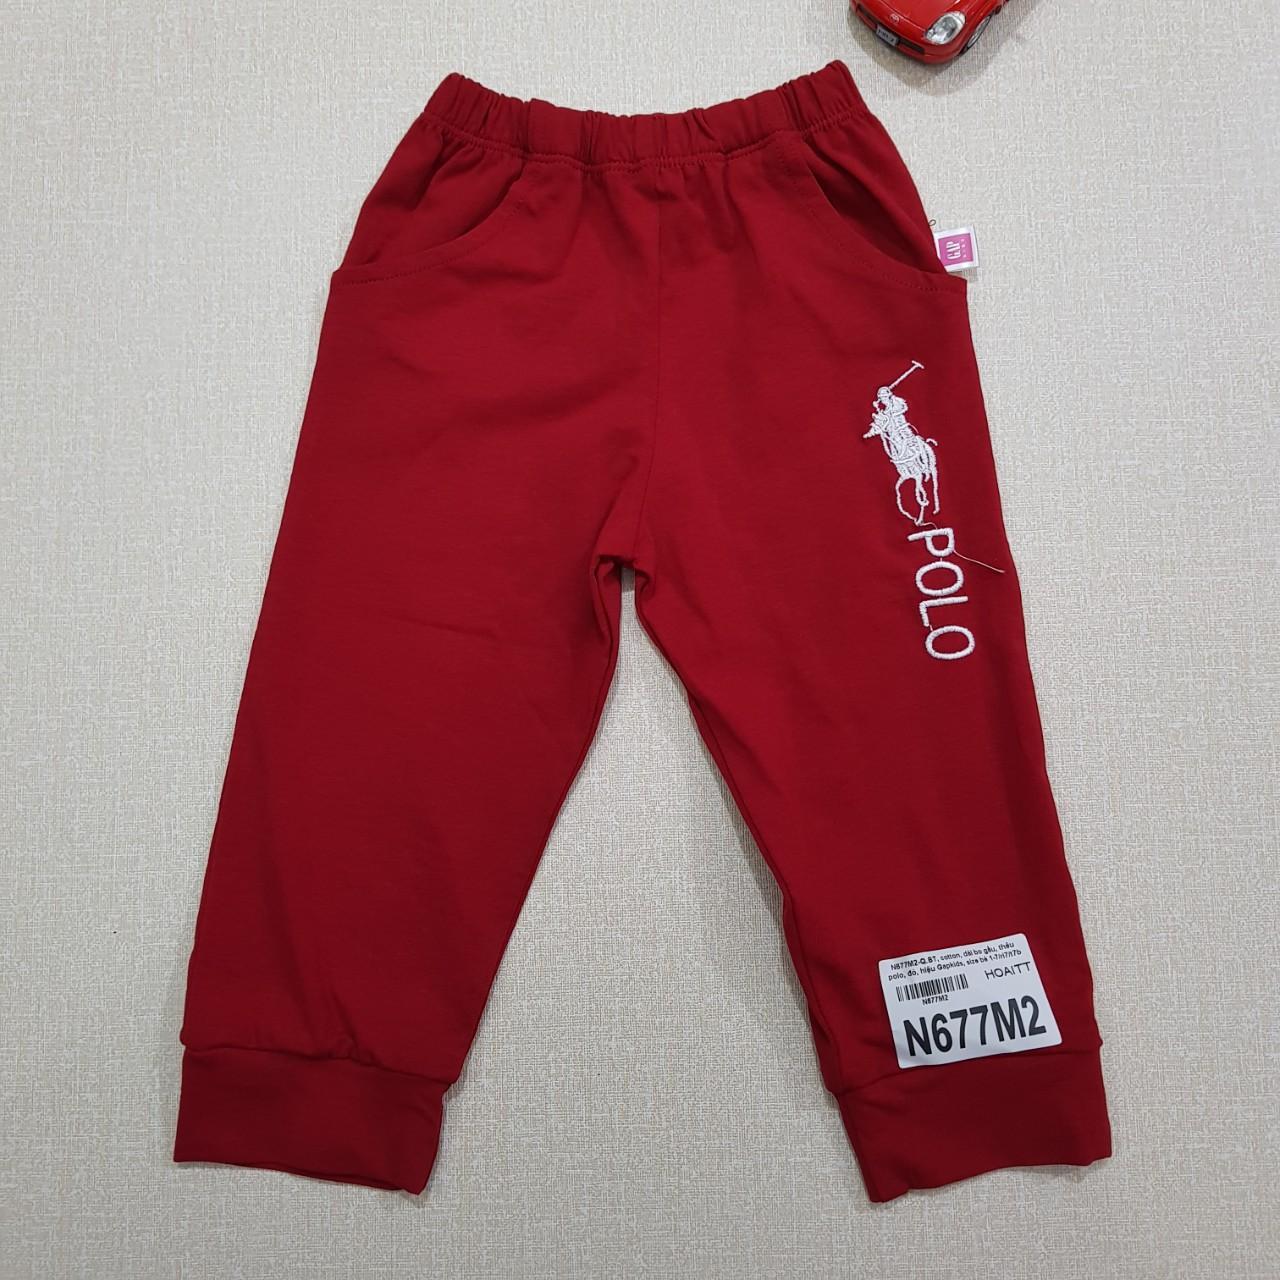 N677M2- Quần bé trai, cotton, dài bo gấu, thêu polo, đỏ, hiệu Gapkids, size bé 1-7/( Combo 7 sản phẩm từ nhỏ đến lớn )